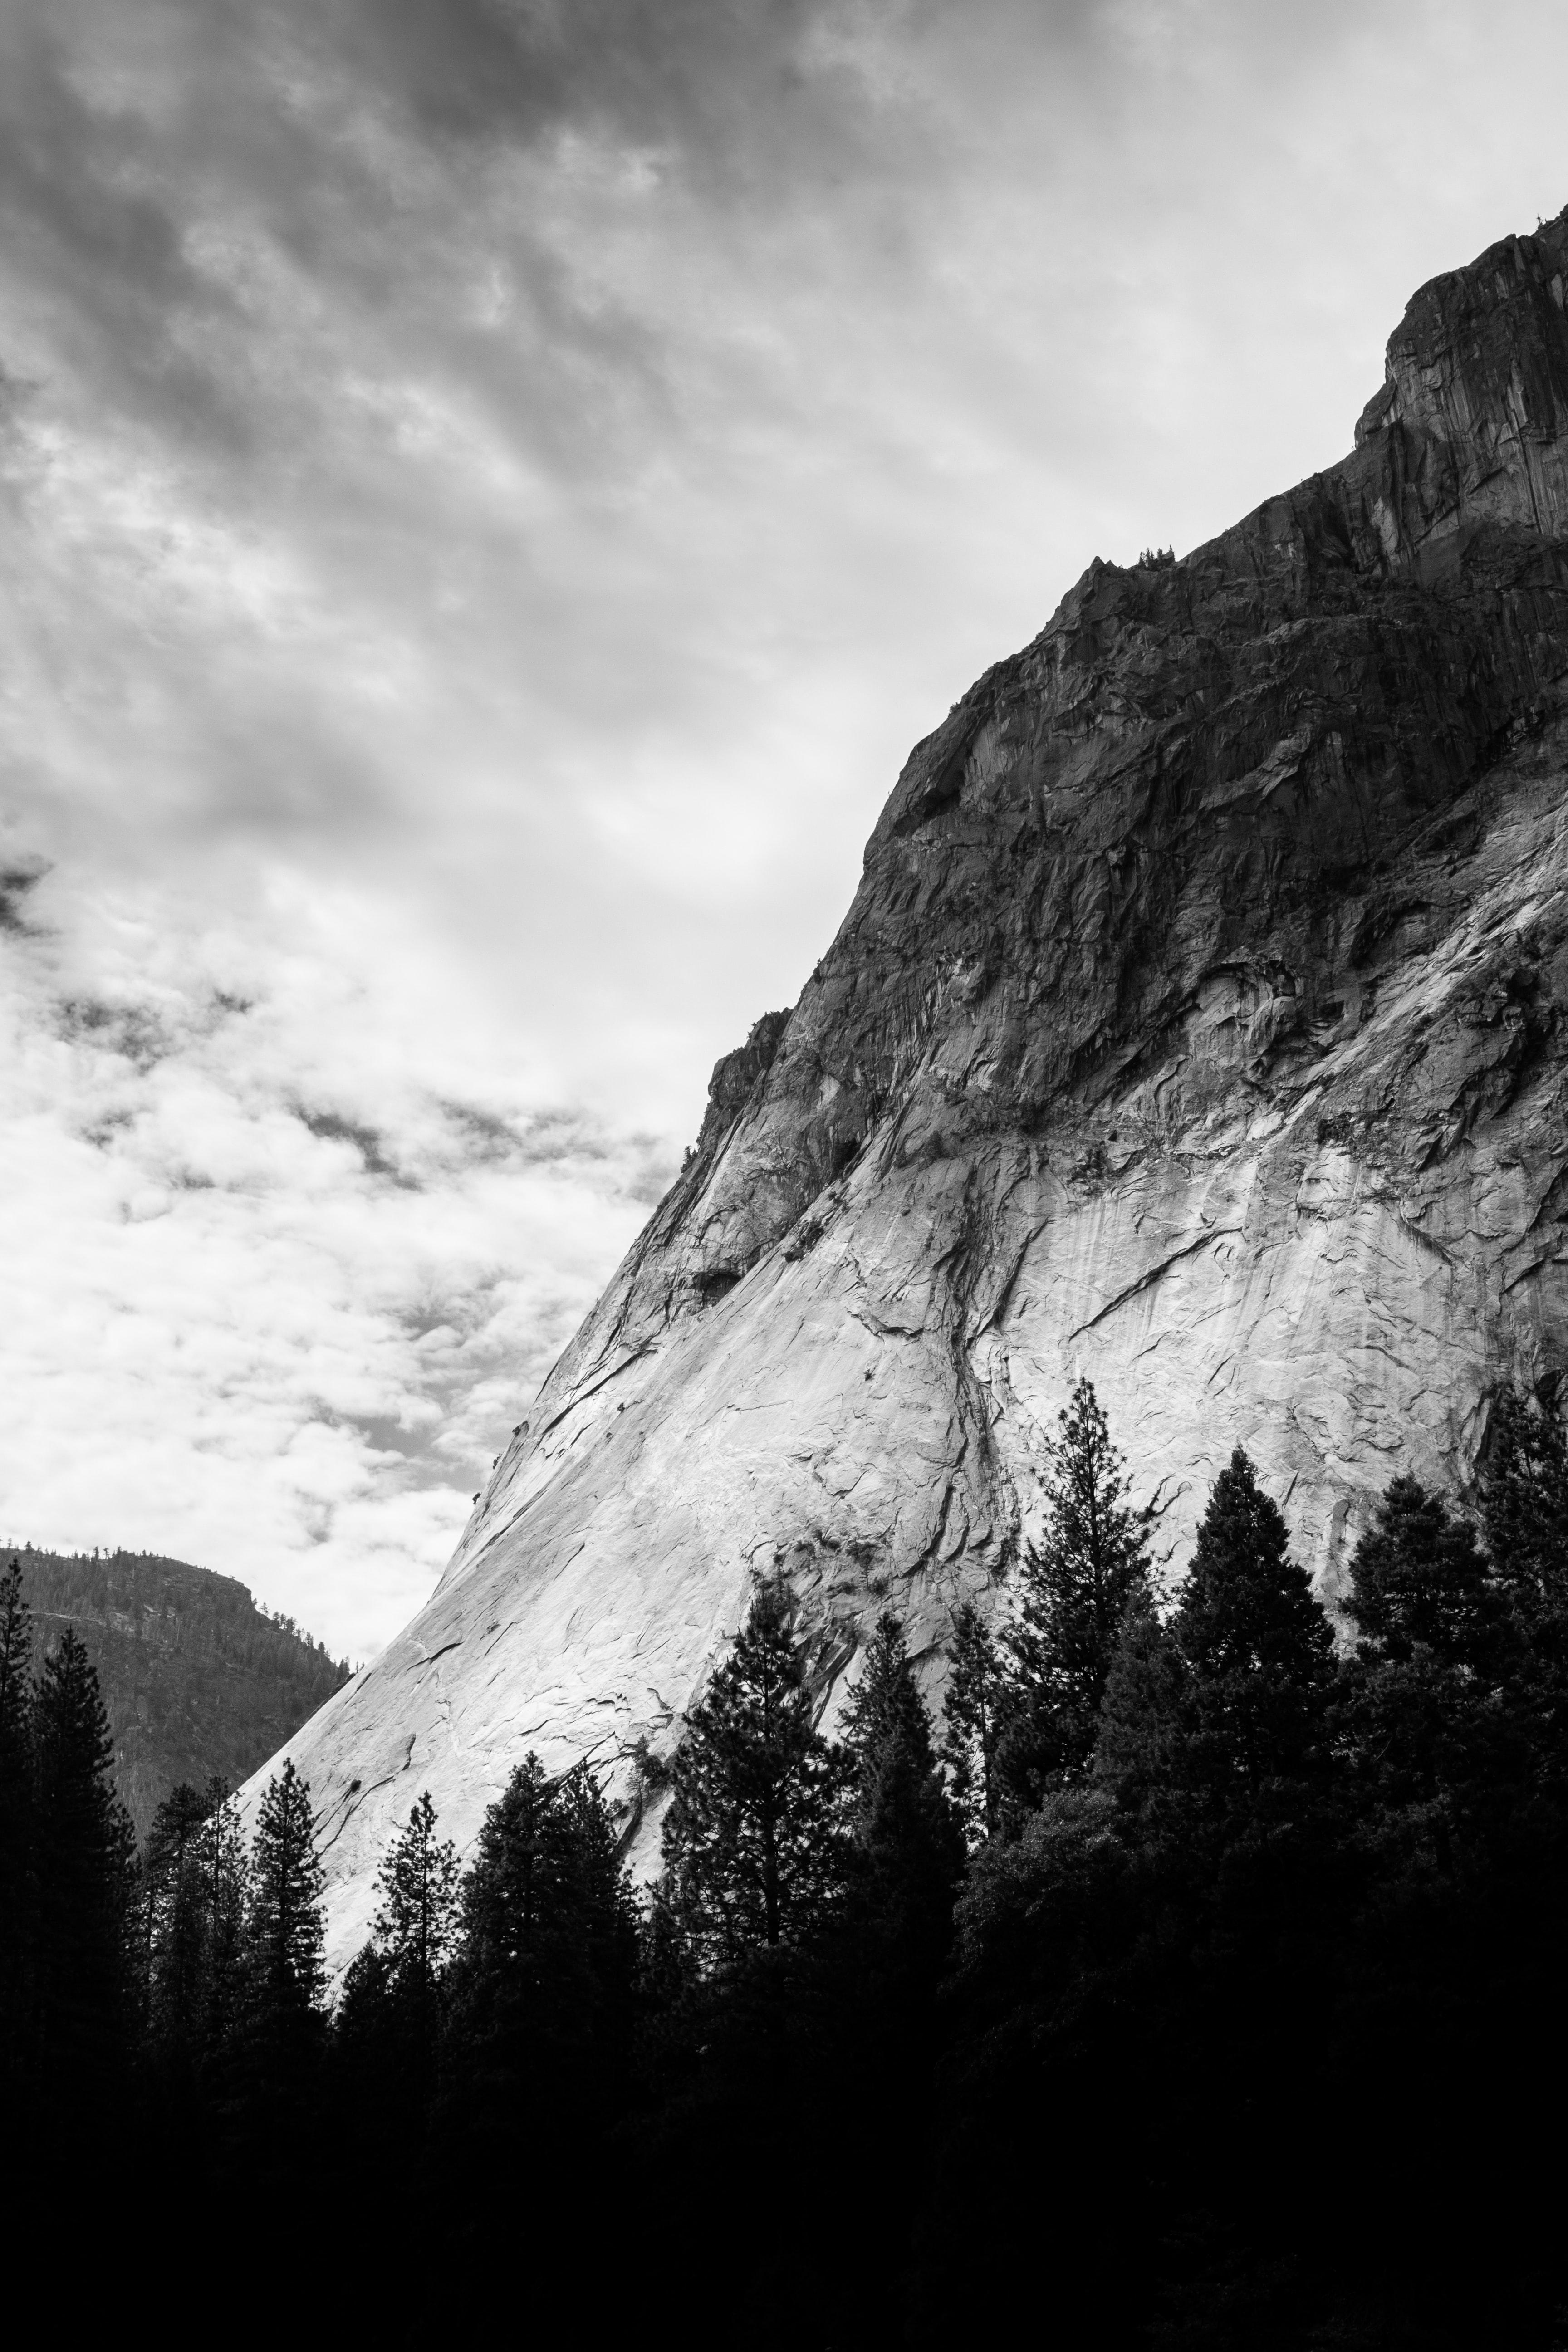 53694 baixar papel de parede Montanha, Árvores, Nuvens, Natureza, Preto E Branco, Preto-E-Branco, Bw, Chb - protetores de tela e imagens gratuitamente